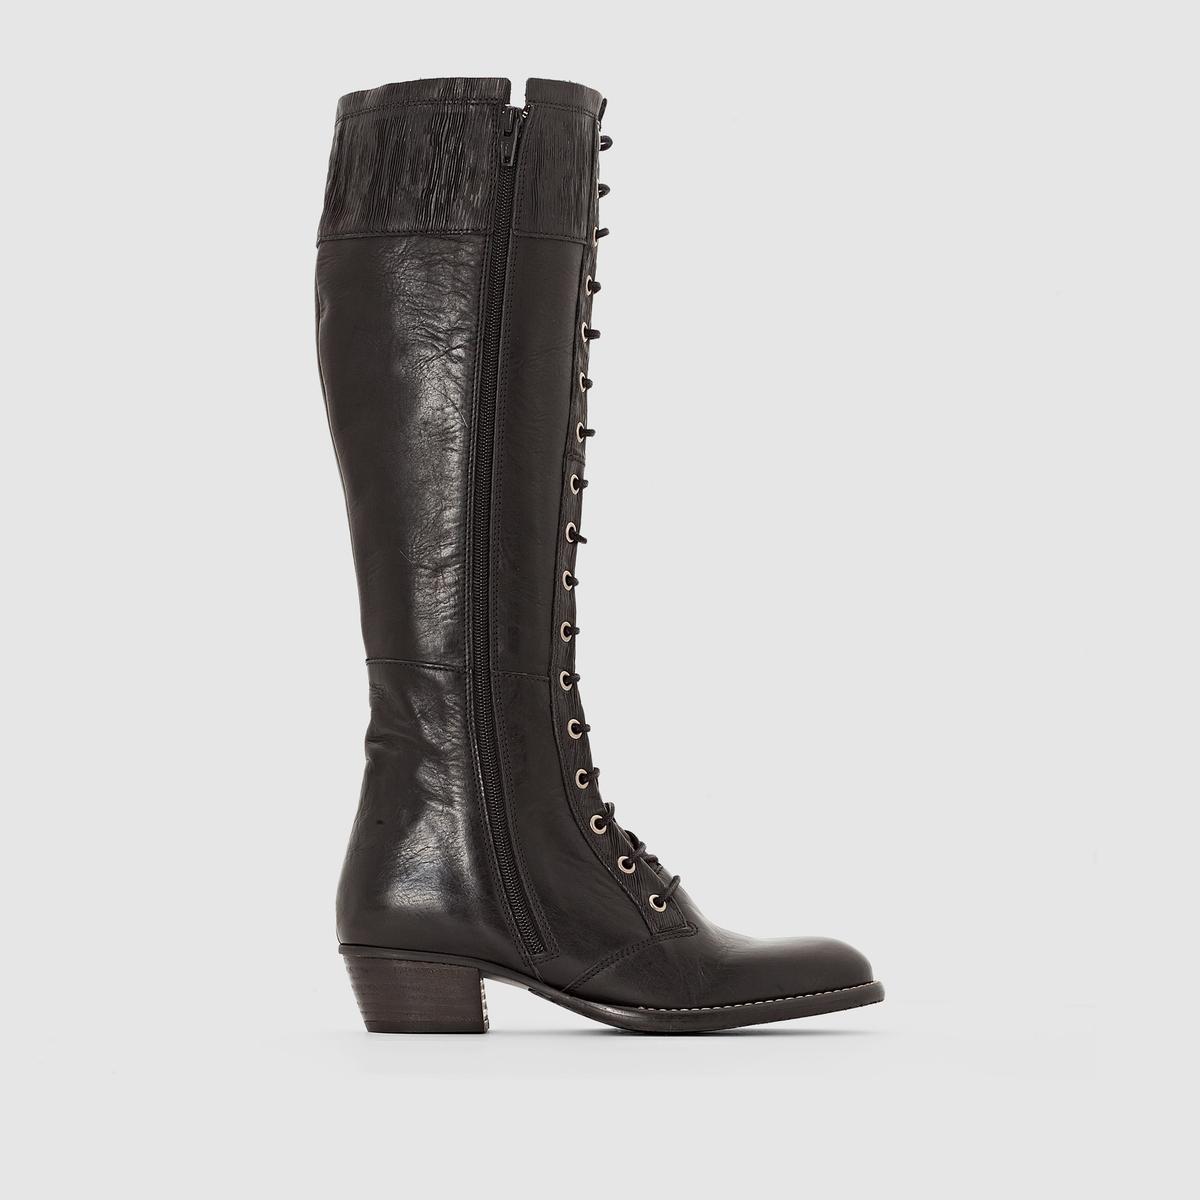 Сапоги из кожи на шнуровке RubyВерх/ Голенище : Яловичная кожа   Подкладка : Кожа   Стелька :  Кожа   Подошва : каучук.   Высота голенища : 42,5 см.    Застежка : шнуровка.<br><br>Цвет: черный<br>Размер: 40